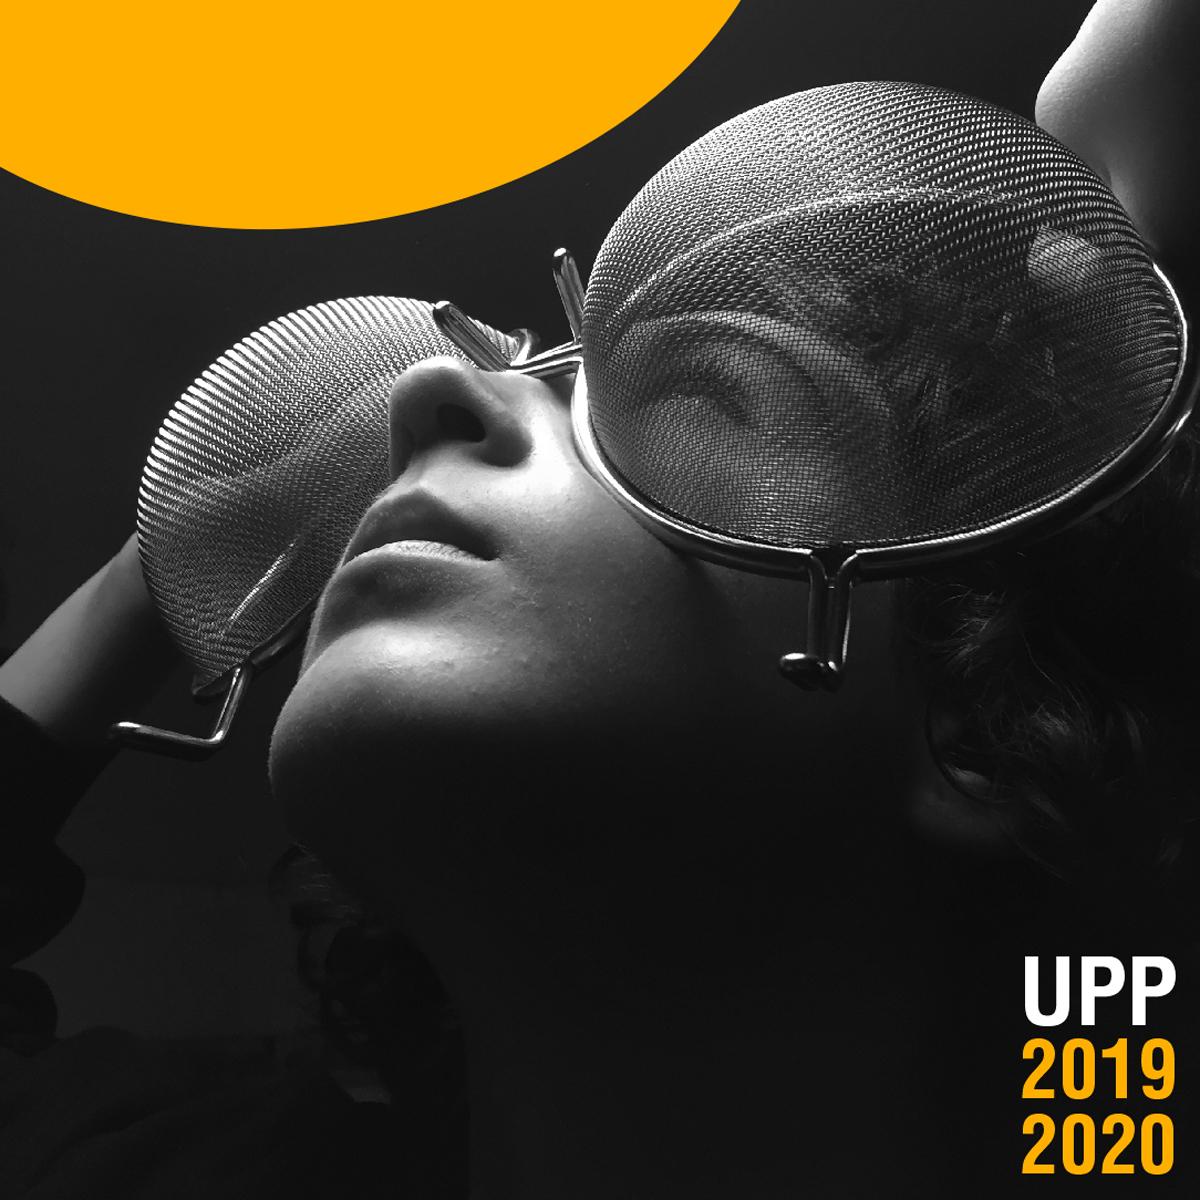 upp_2019_1